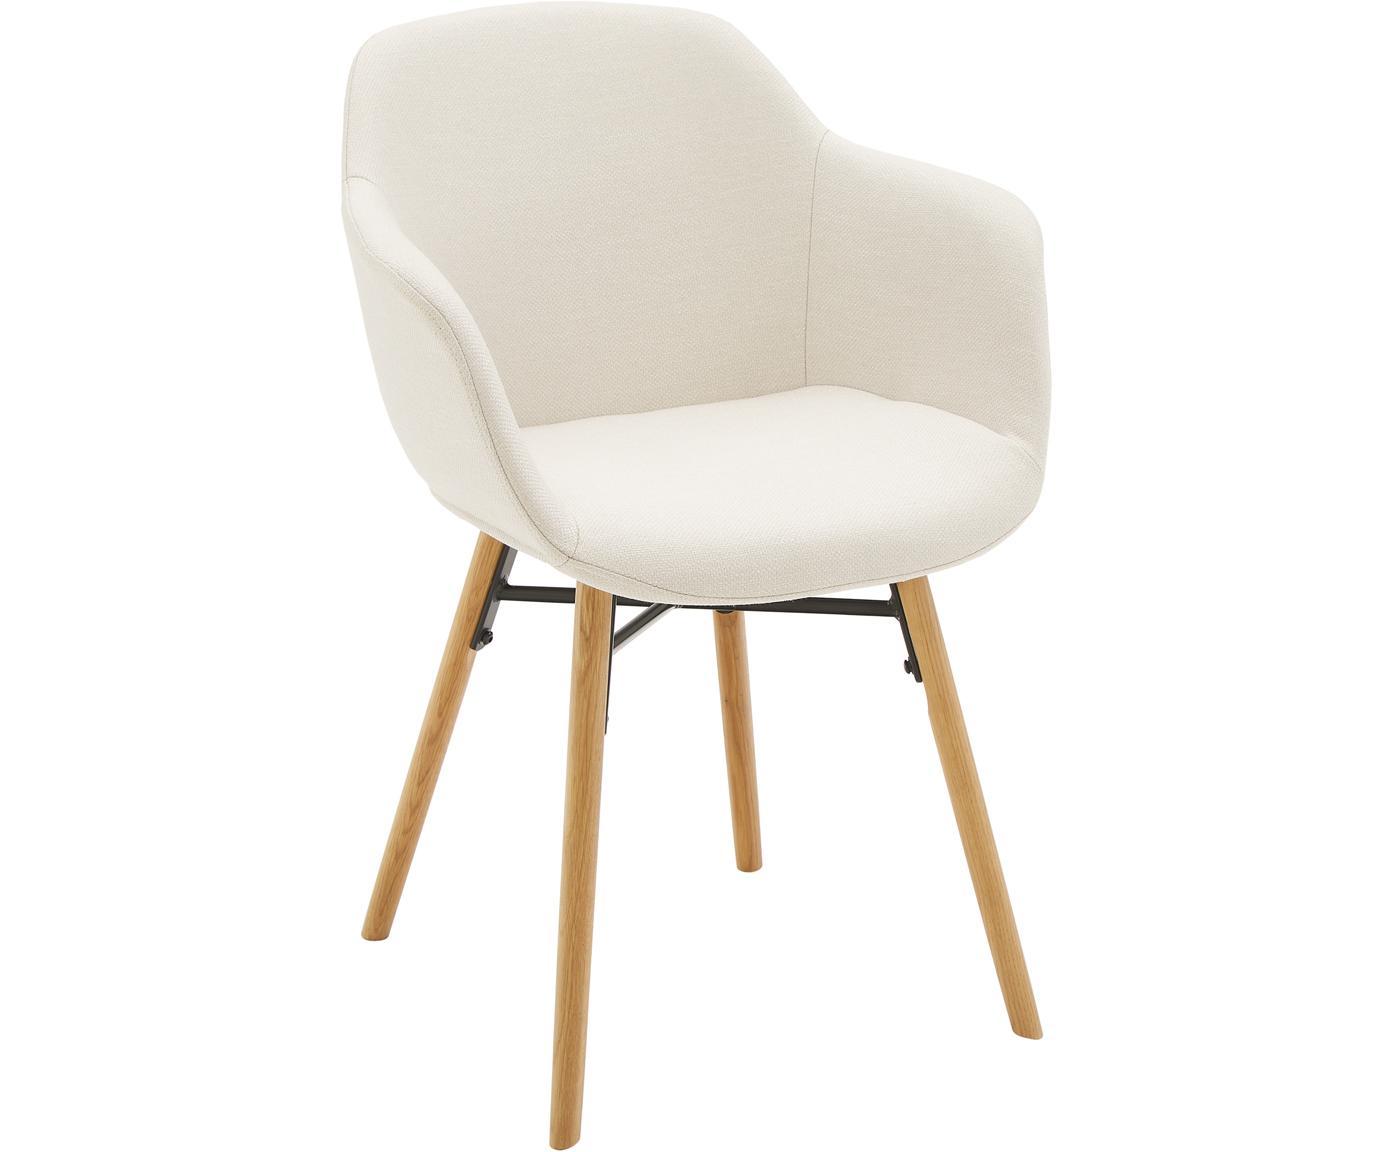 Armlehnstuhl Fiji mit Holzbeinen, Bezug: Polyester 40.000 scheuert, Beine: Massives Eichenholz, Sitzschale: Cremeweiss Beine: Eichenholz, B 59 x T 55 cm